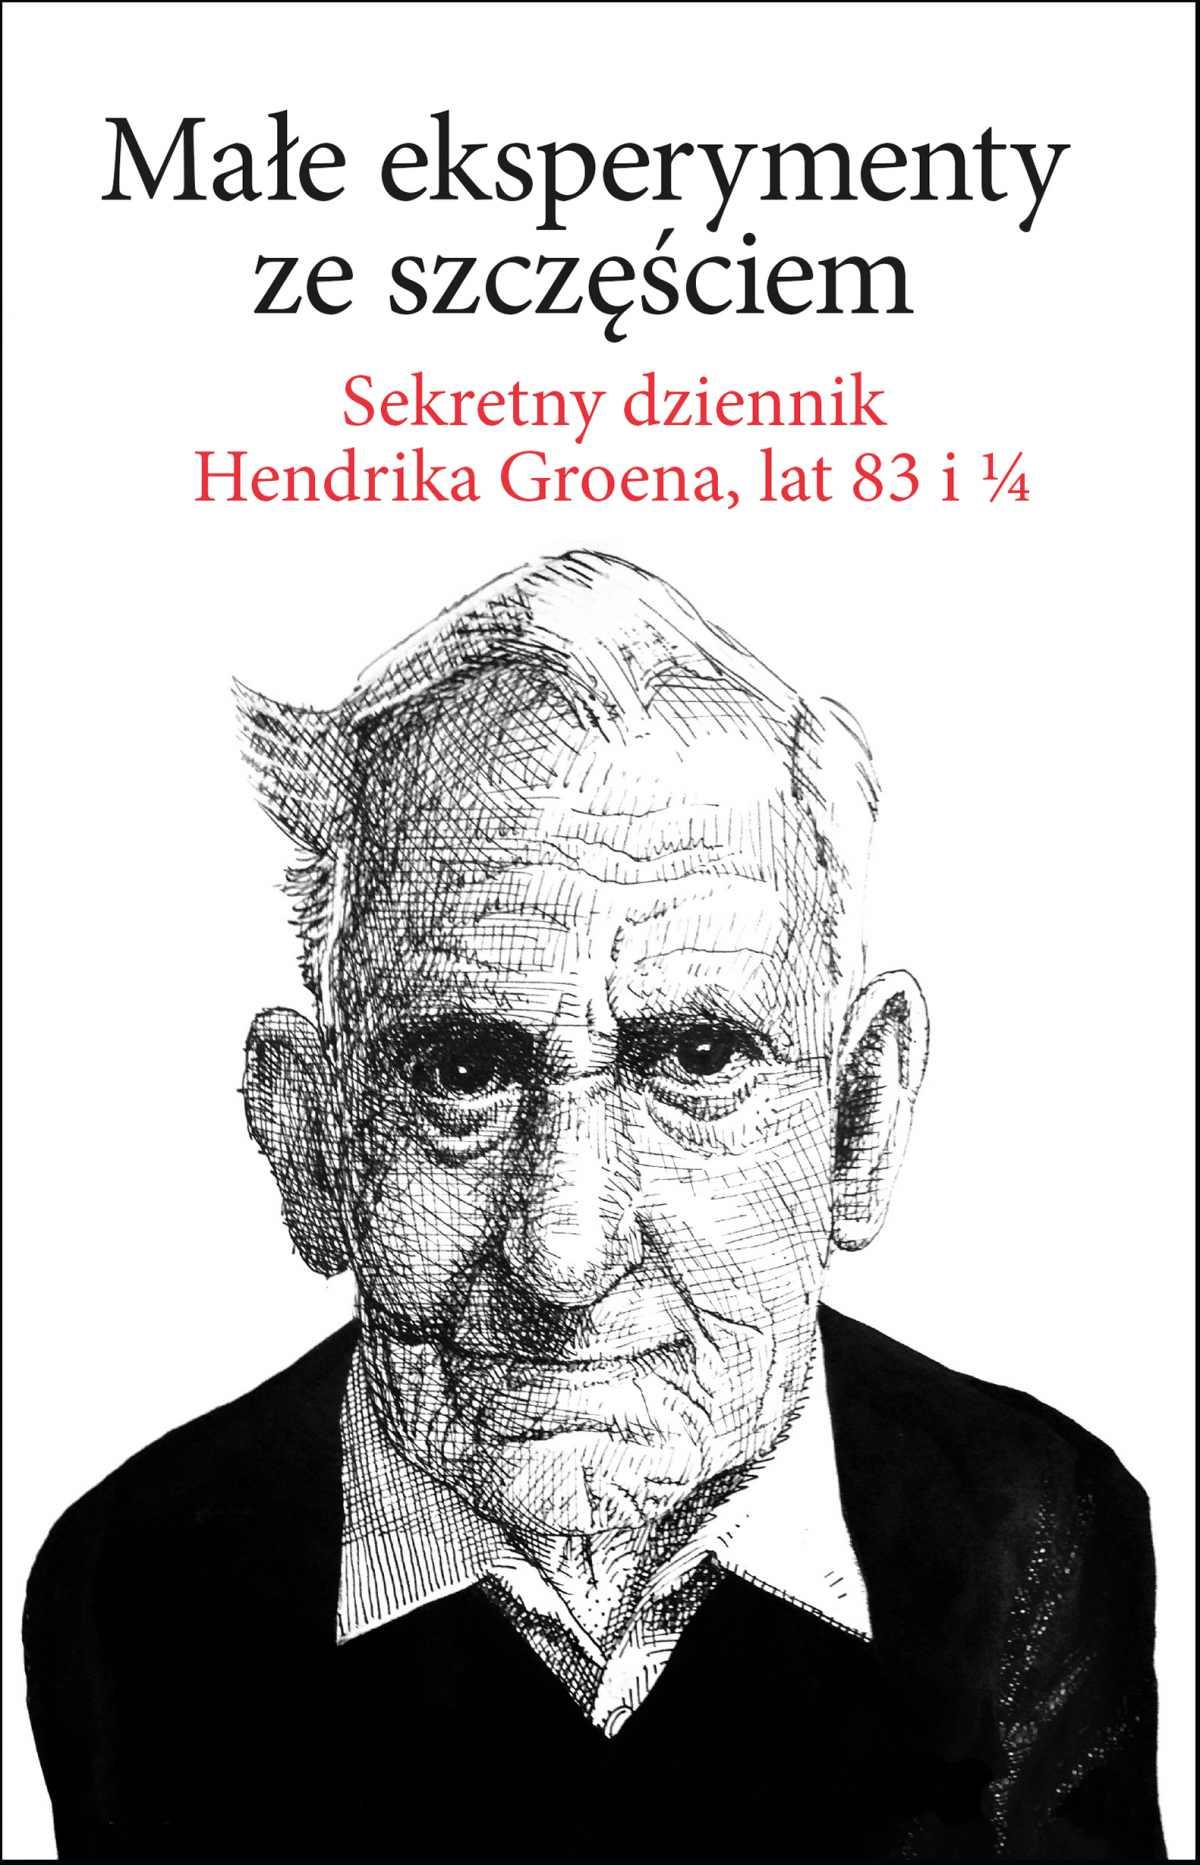 Małe eksperymenty ze szczęściem. Sekretny dziennik Hendrika Groena, lat 83 i 1/4 - Ebook (Książka EPUB) do pobrania w formacie EPUB